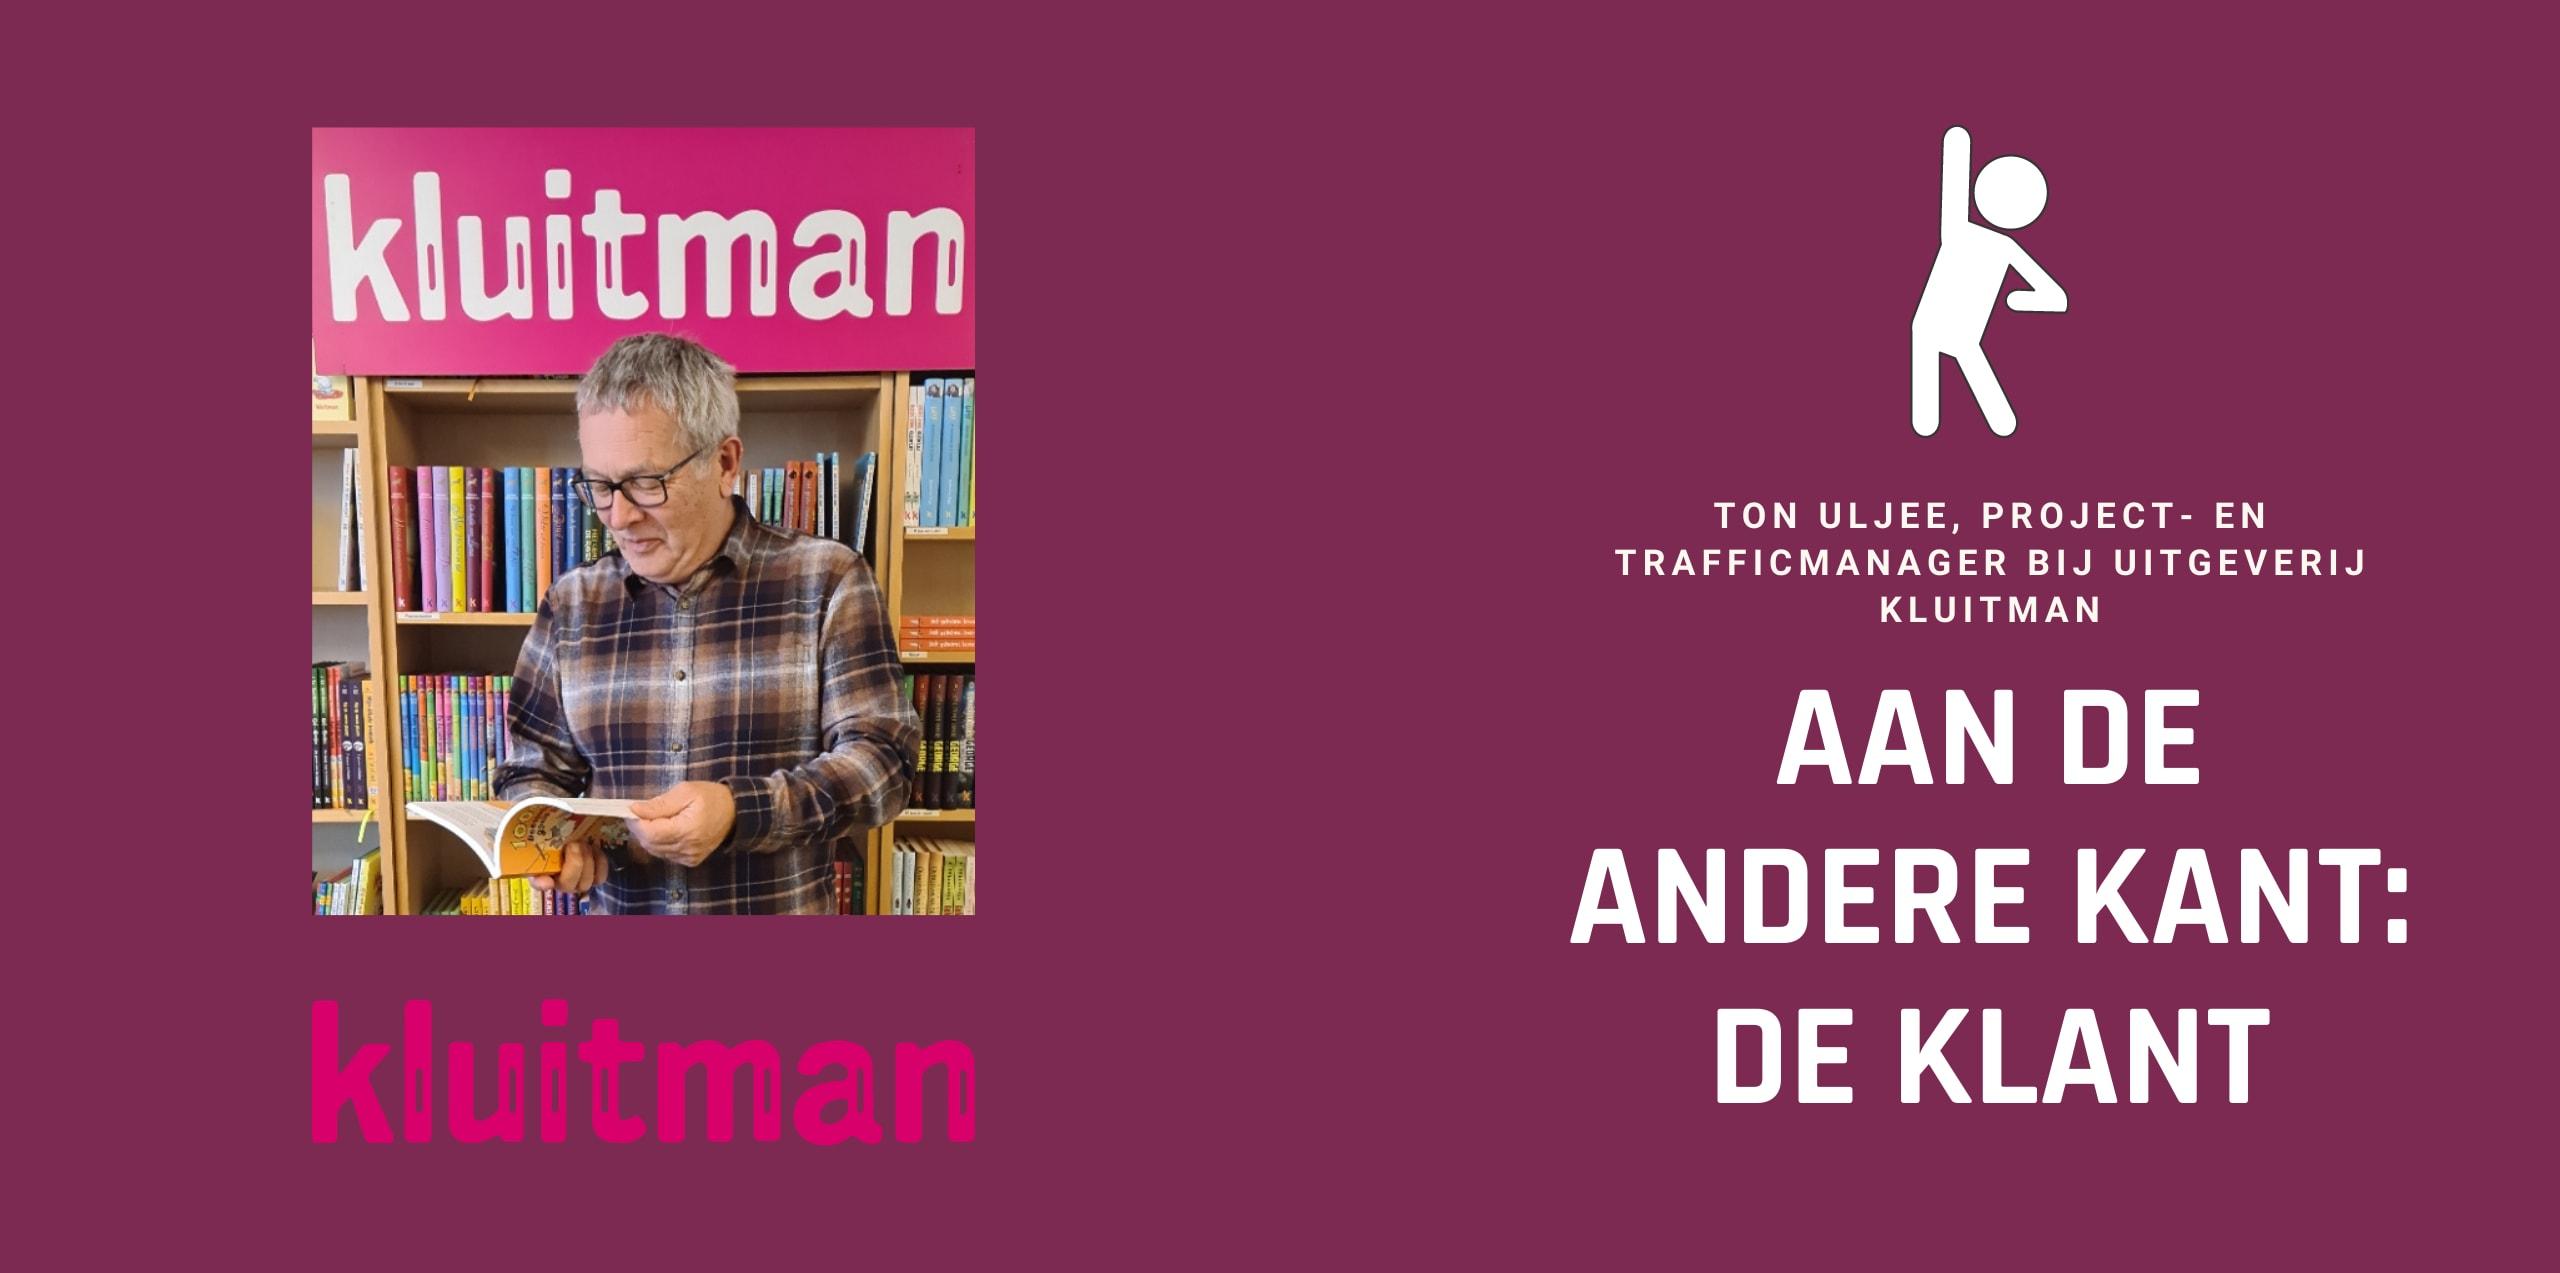 Aan de andere kant: Ton Uljee van Uitgeverij Kluitman